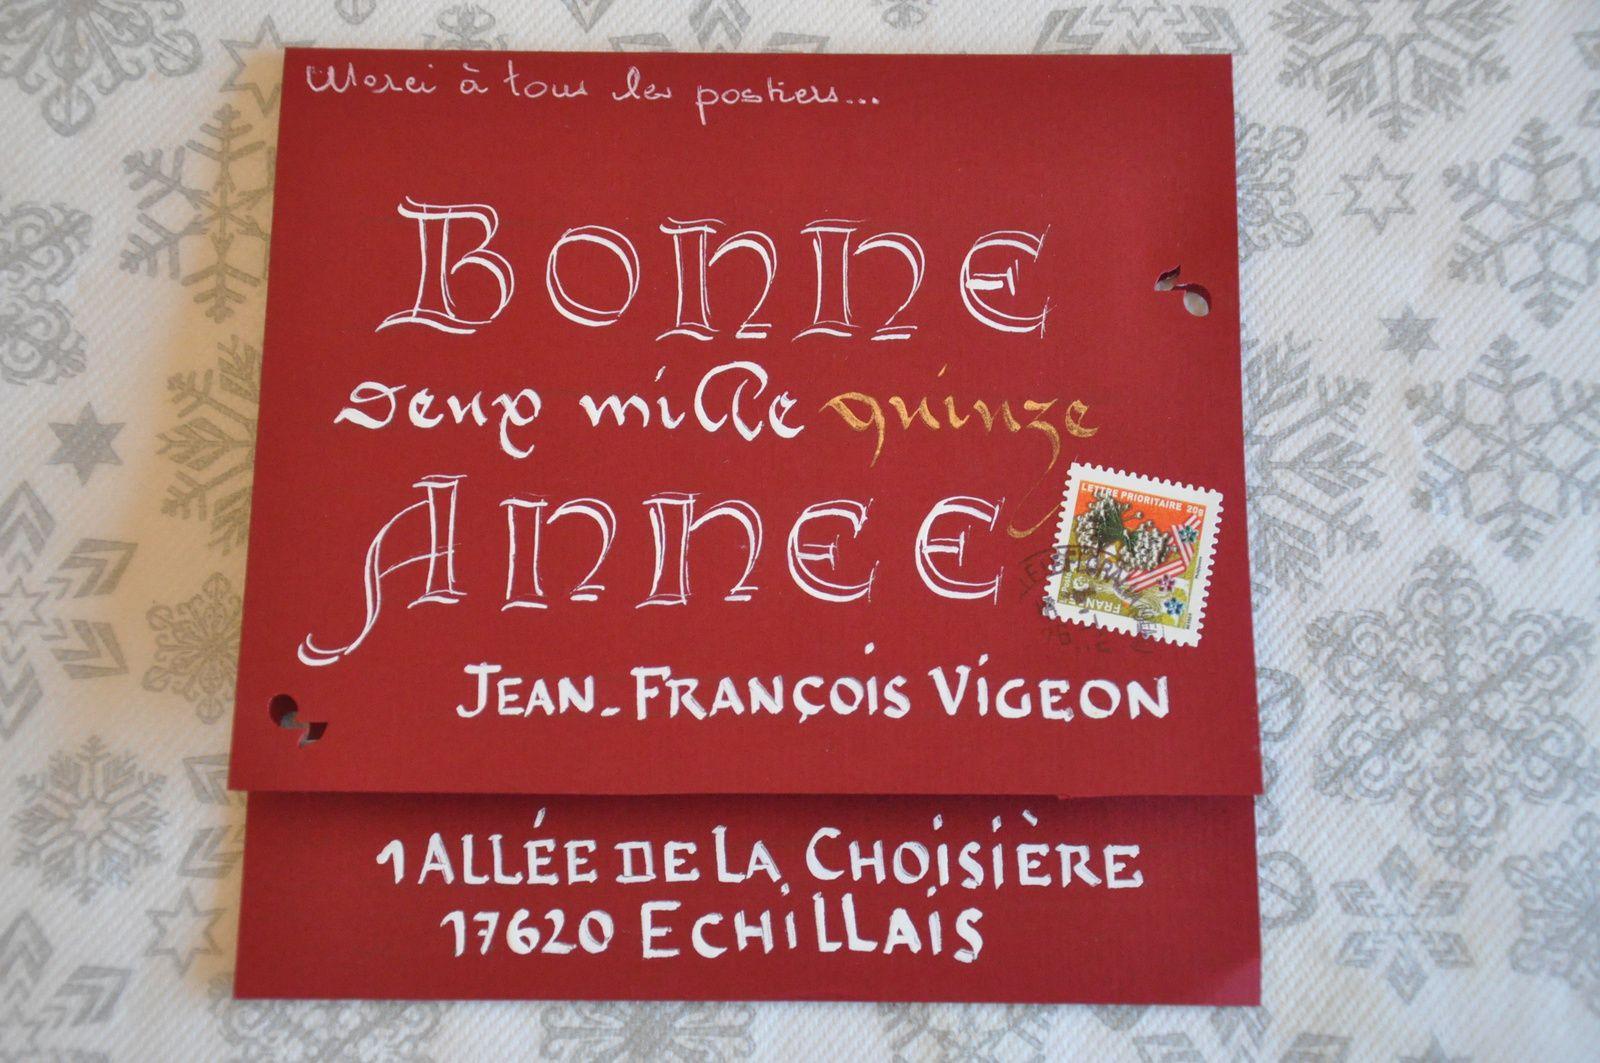 J'adore la calligraphie, les belles lettres, les enluminures...Merci beaucoup à Armelle Vasseur et Maho pour ces enchantements!